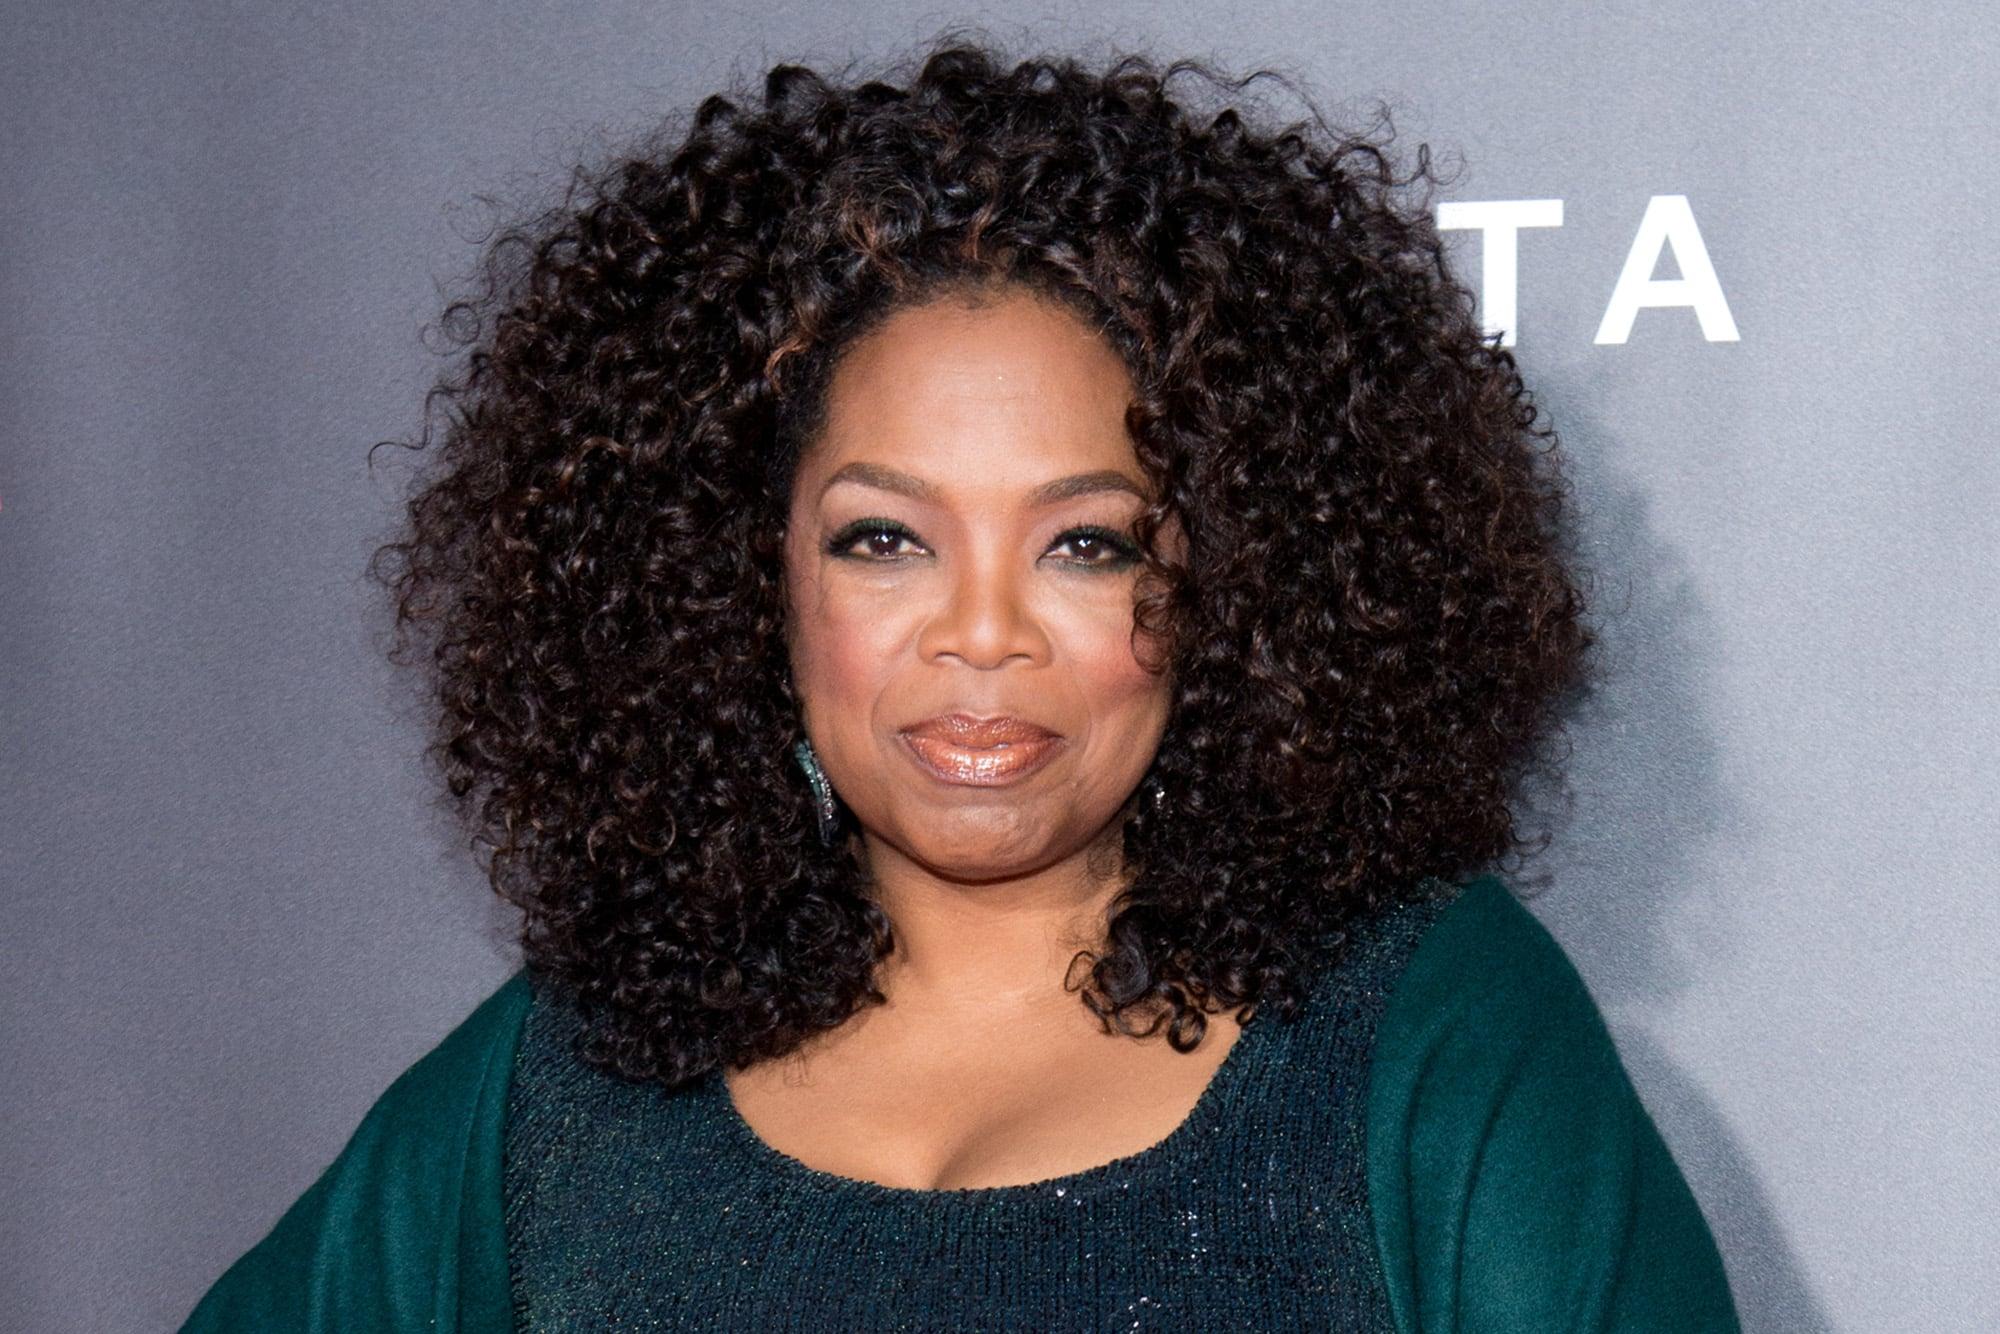 Oprah Winfrey fait partie des signataires de la lettre ouverte